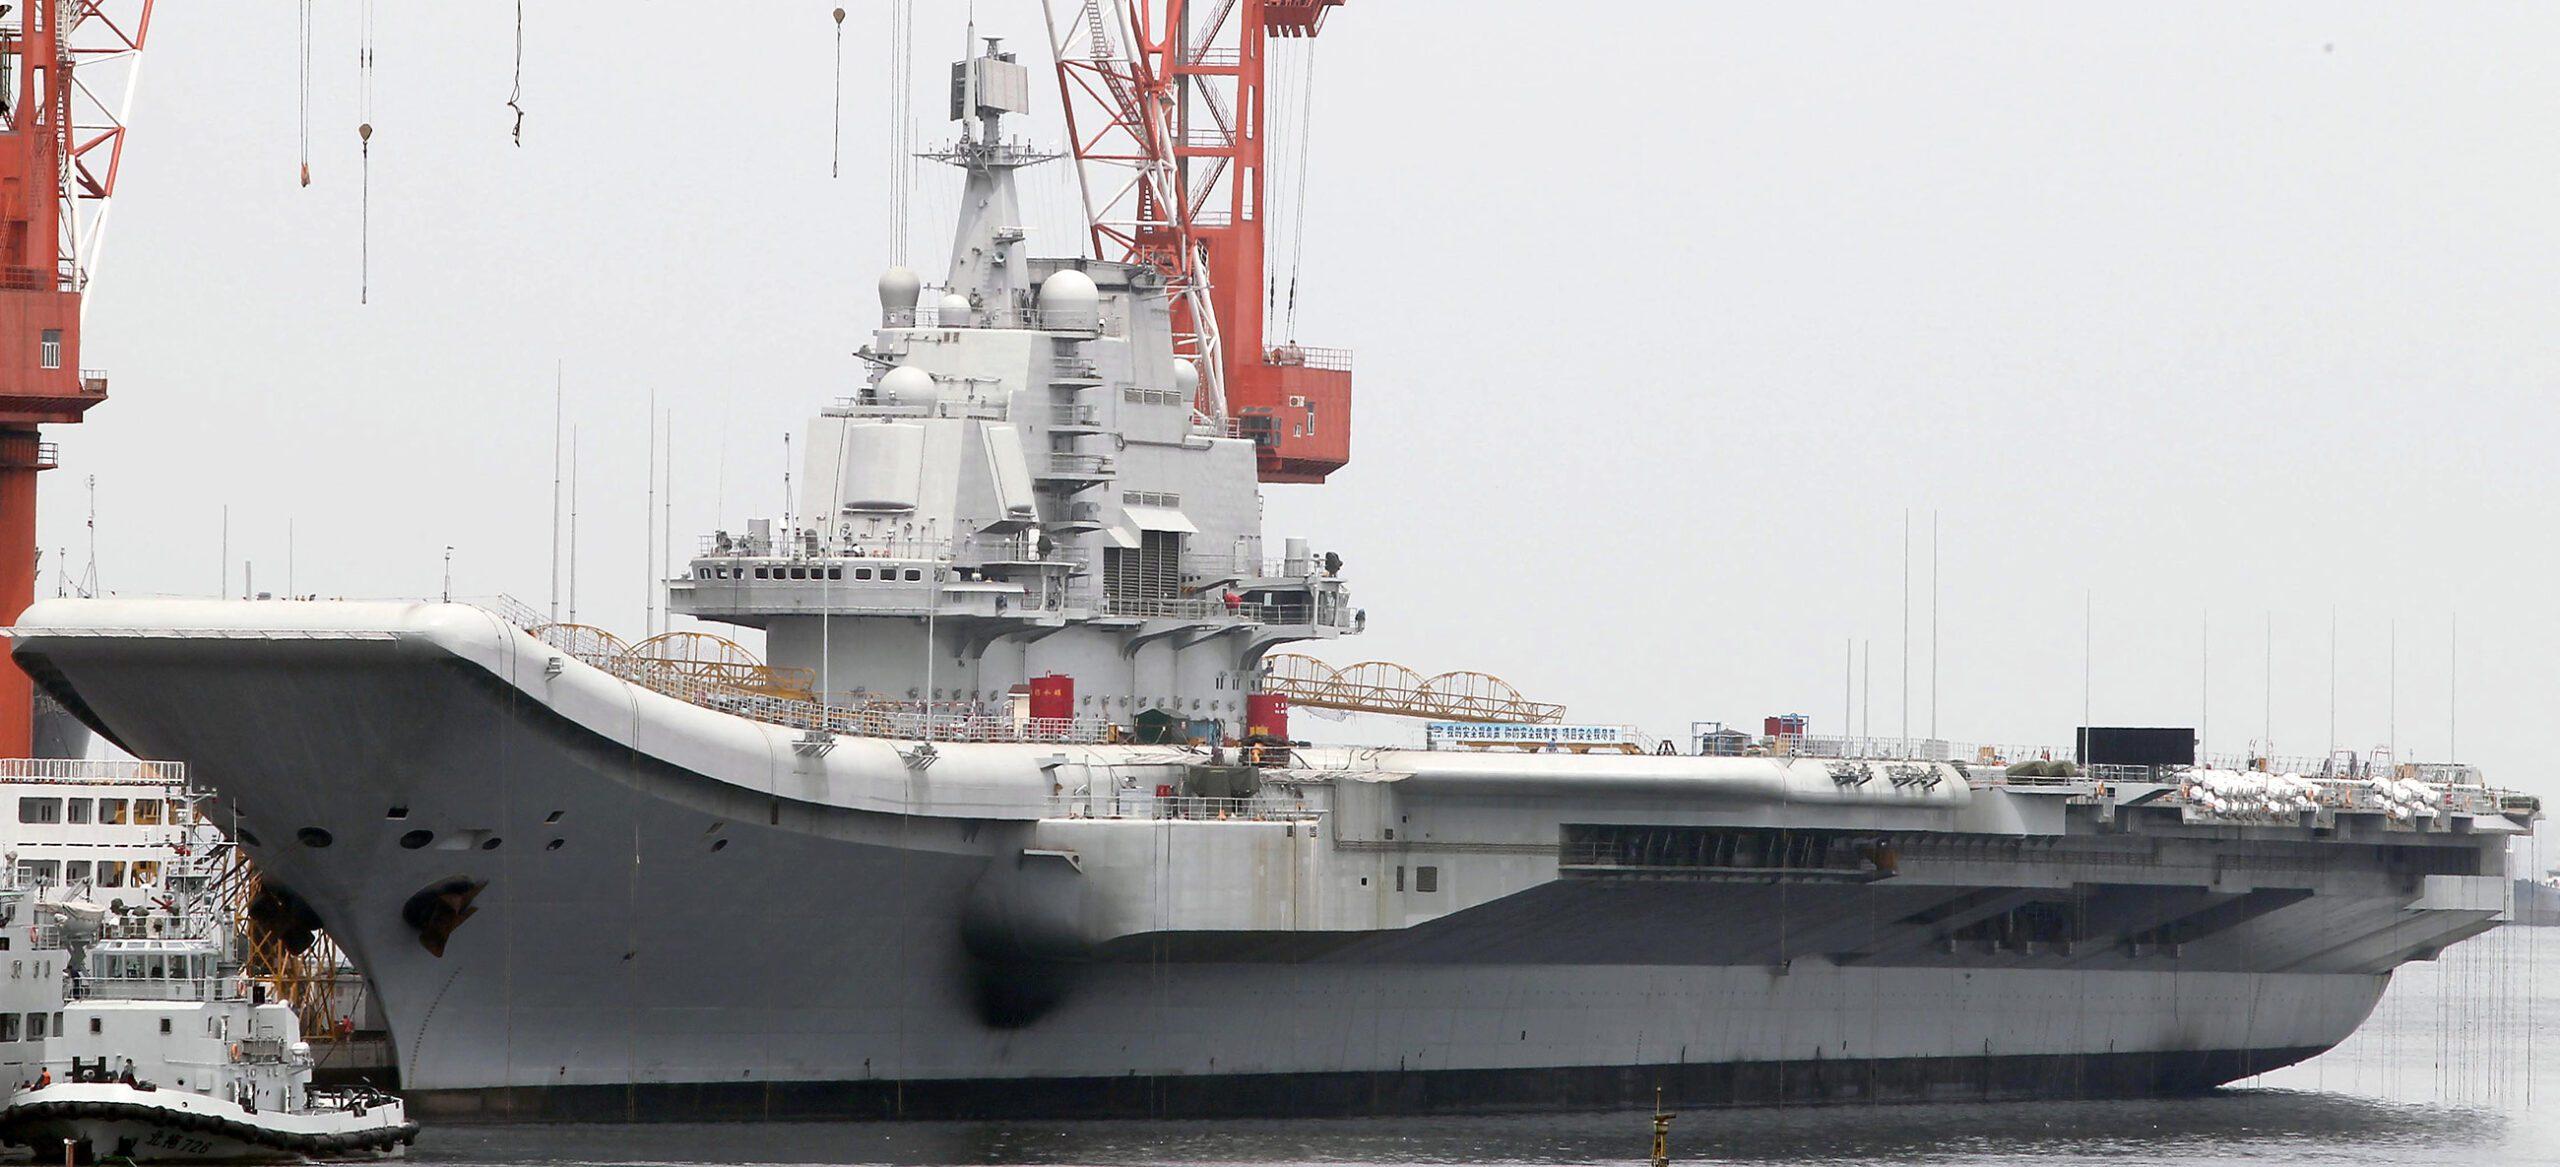 gettyimages 1125210620 - <b>Без крейсера «Україна», та з «Айлендами» і «москітами»:</b> що відбувається з українським військовим флотом? - Заборона